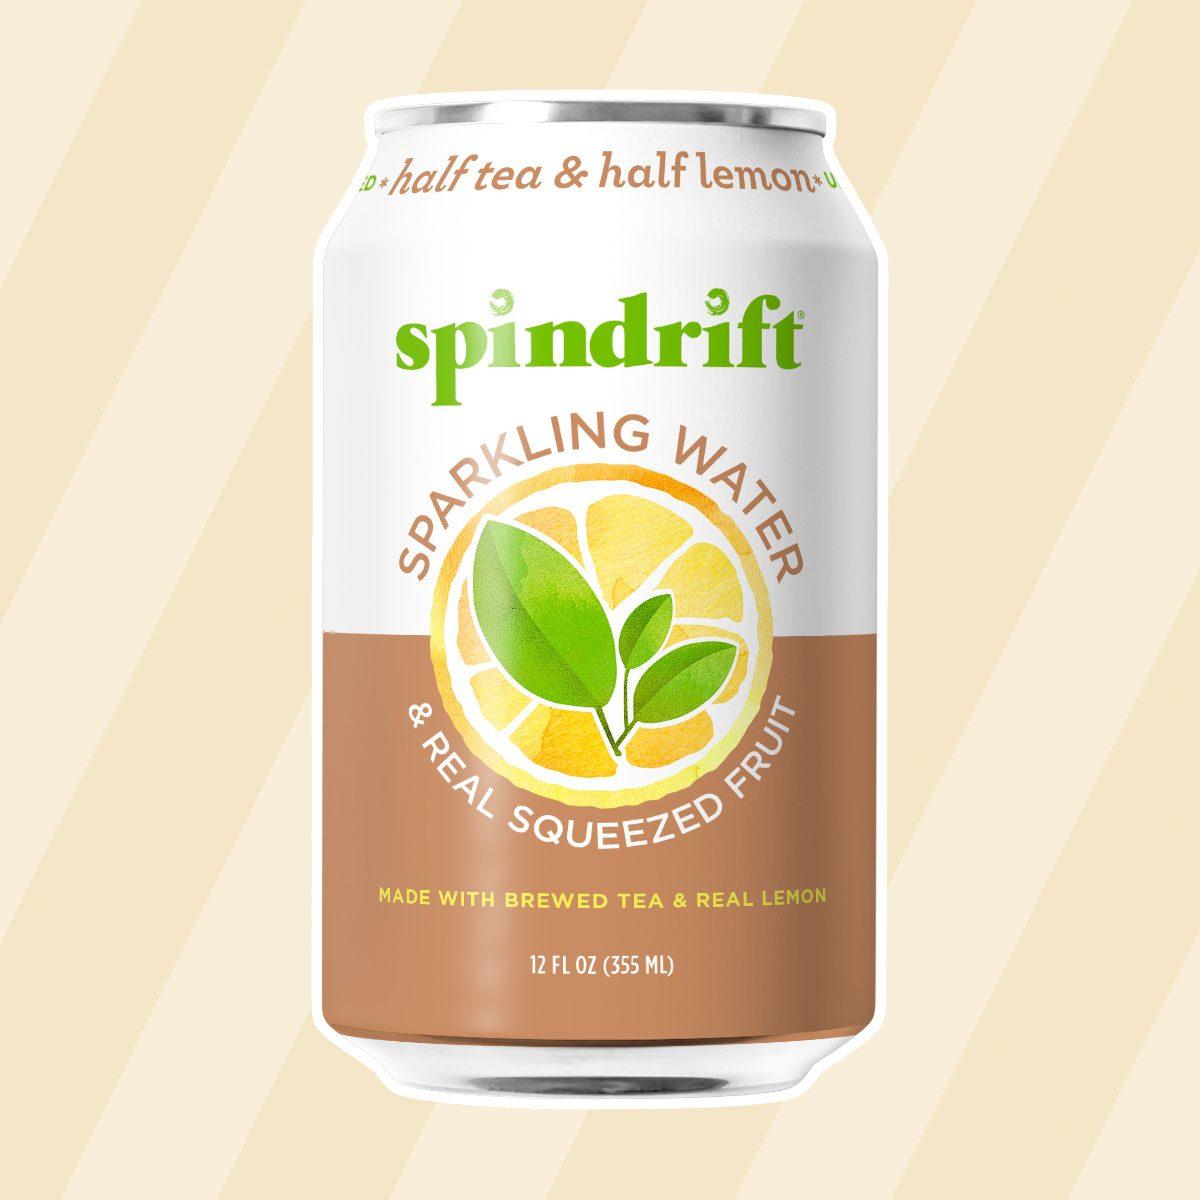 Spindrift Iced Tea